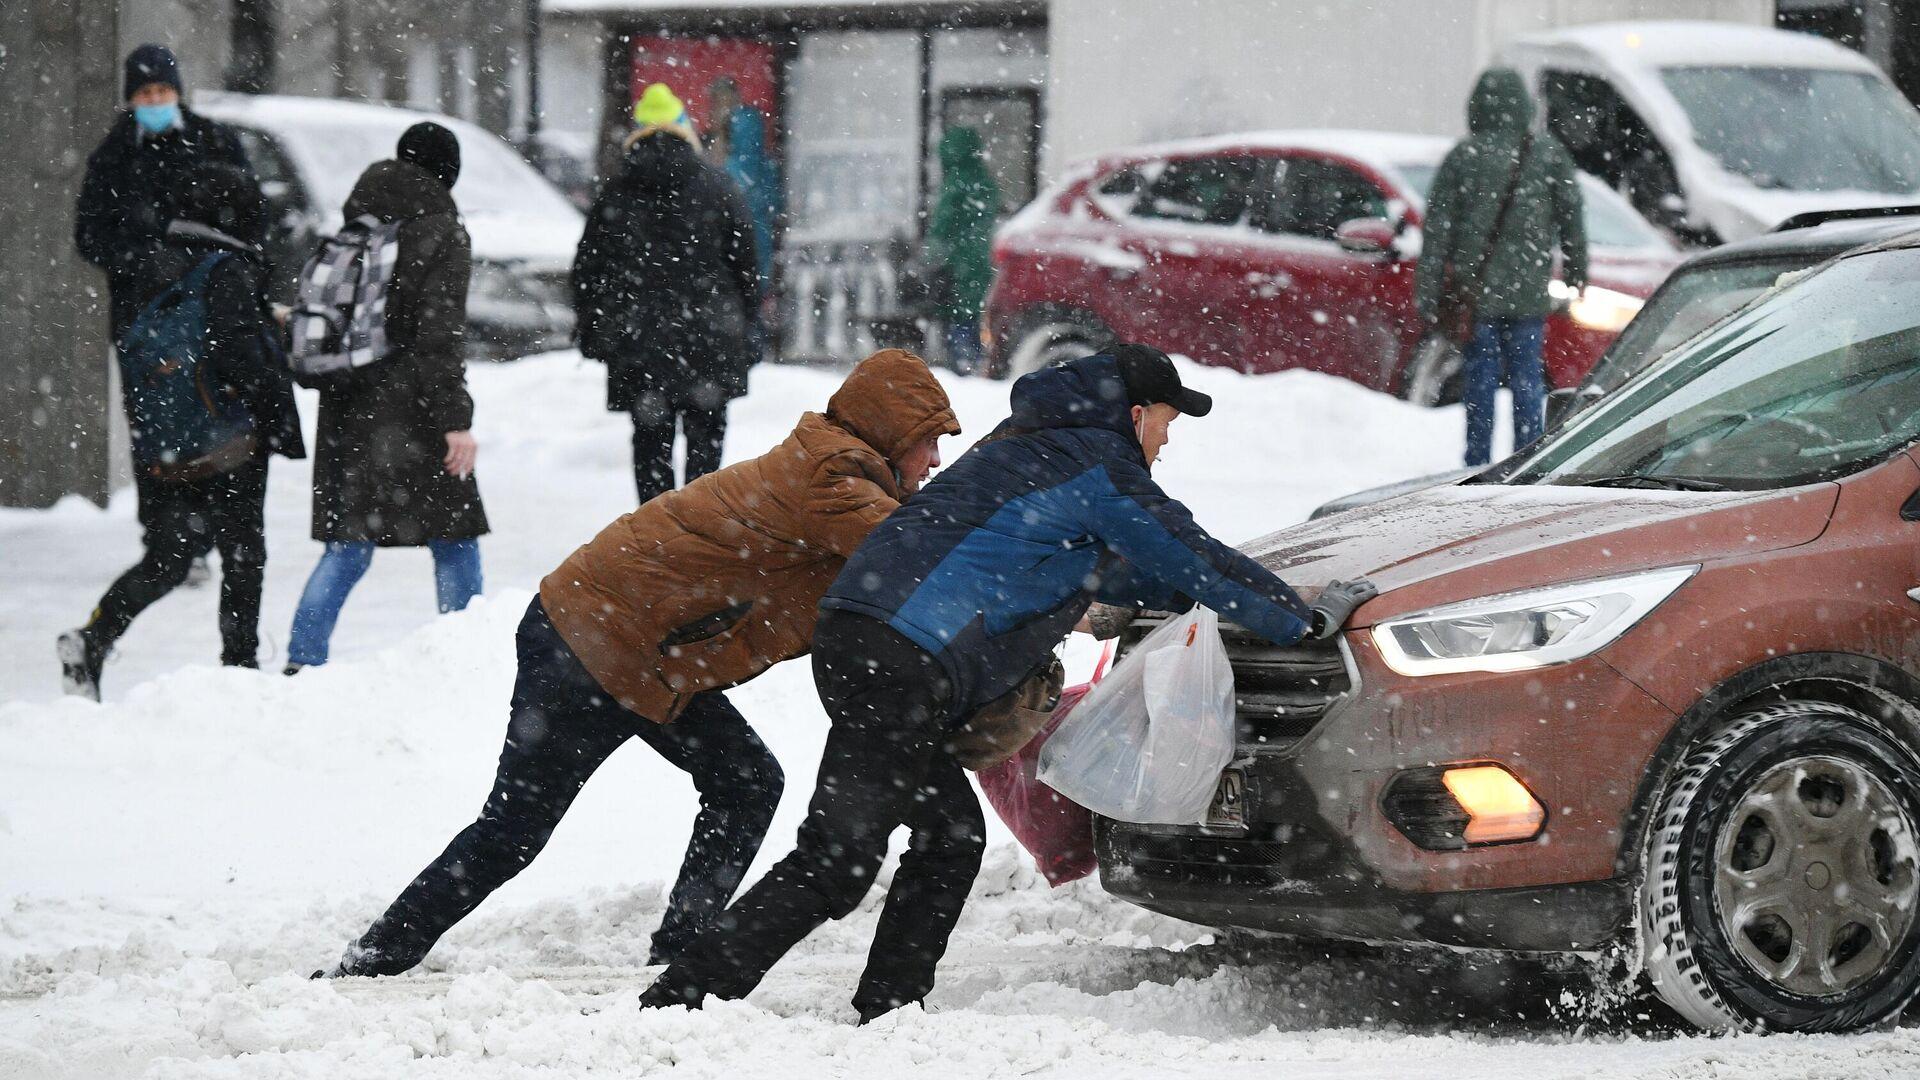 Мужчины толкают машину, застрявшую на дороге во время снегопада - РИА Новости, 1920, 21.01.2021